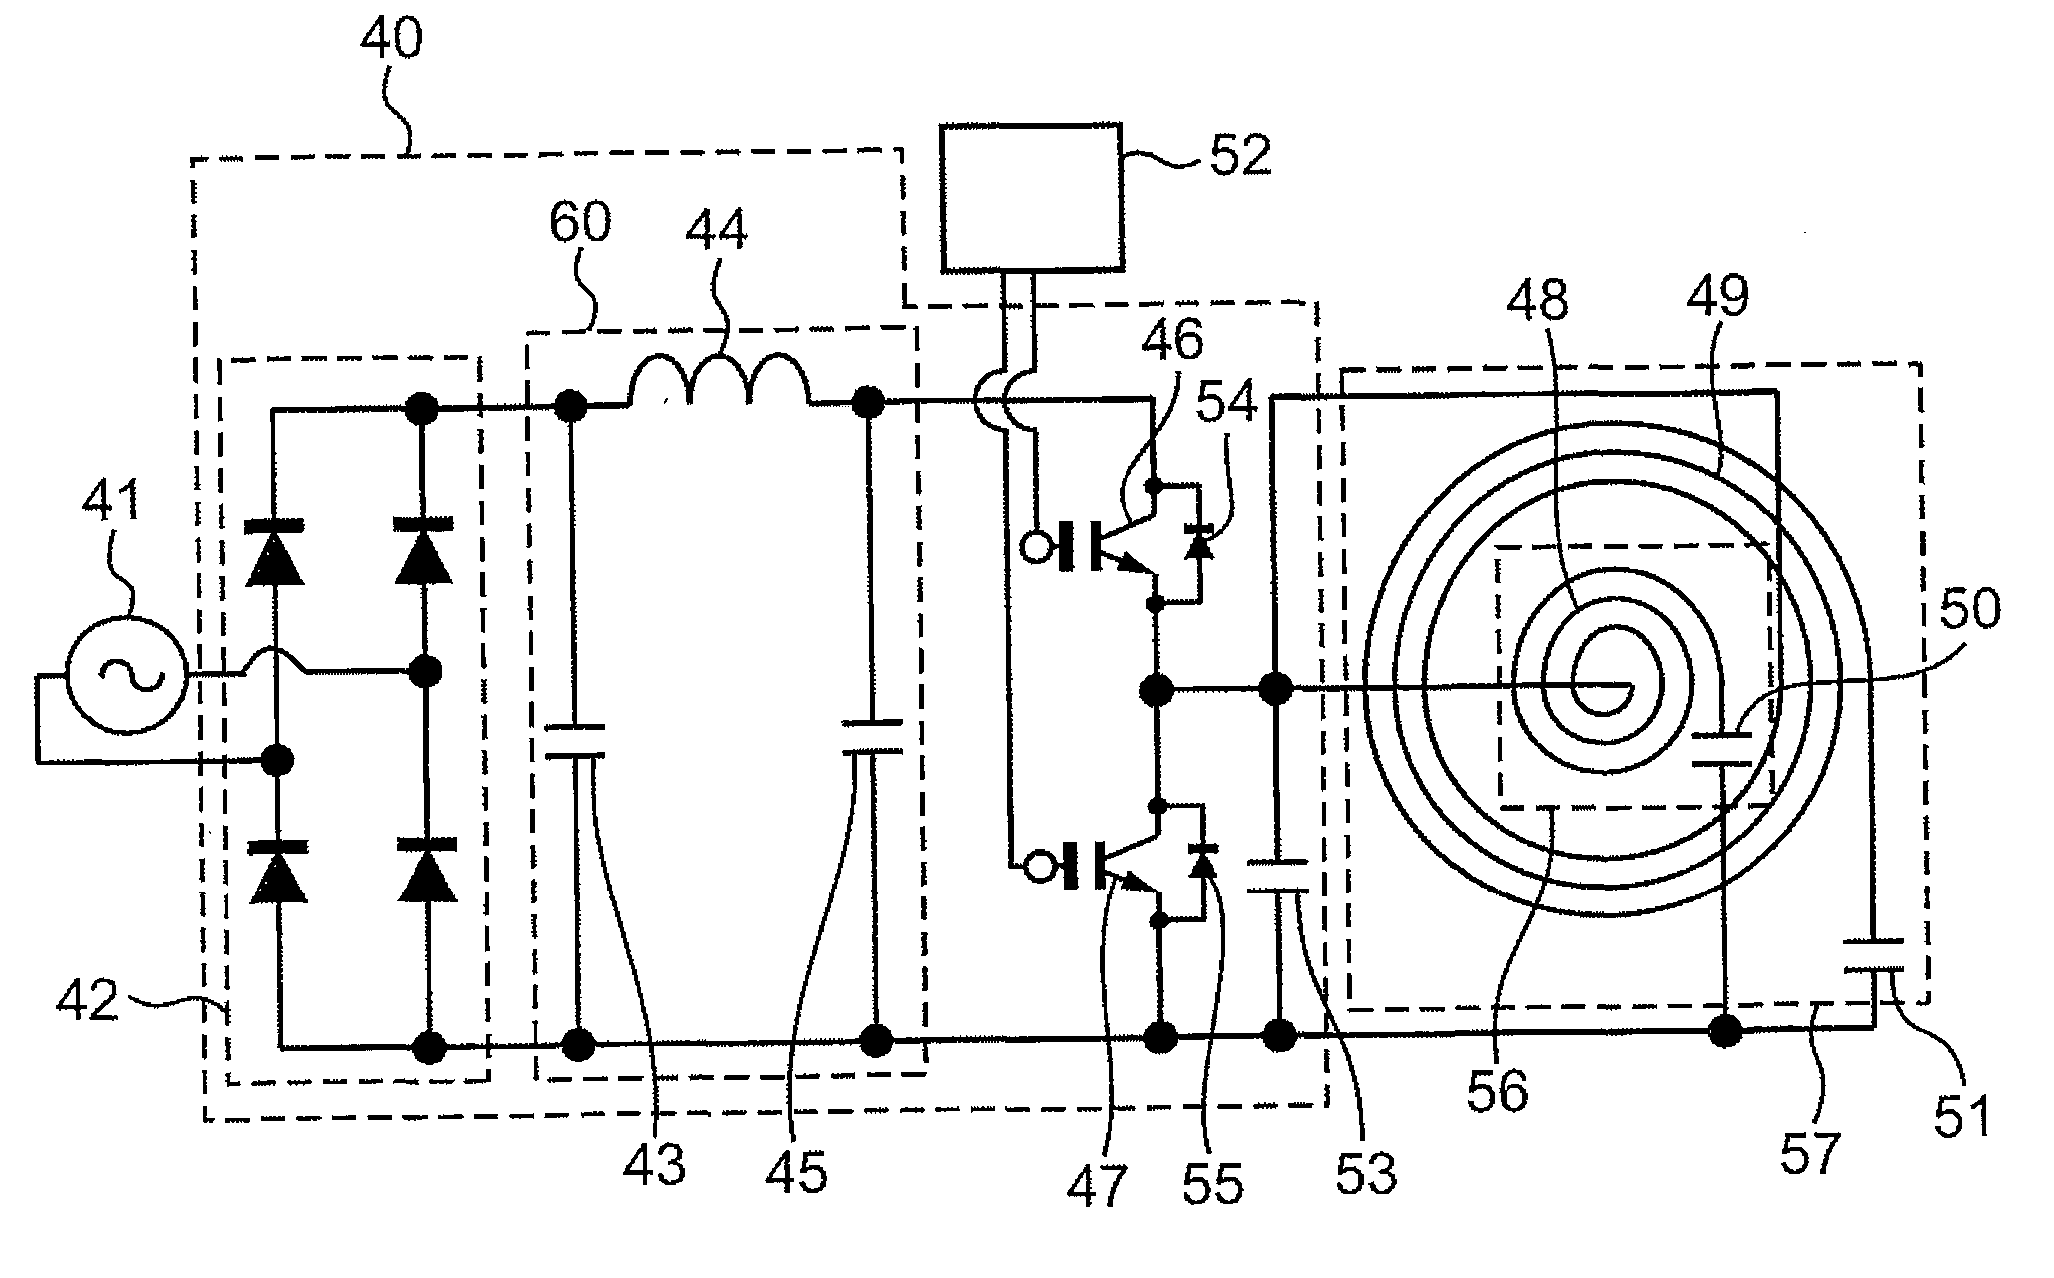 simple diy induction heater  u2013 rmcybernetics  u2013 readingrat net